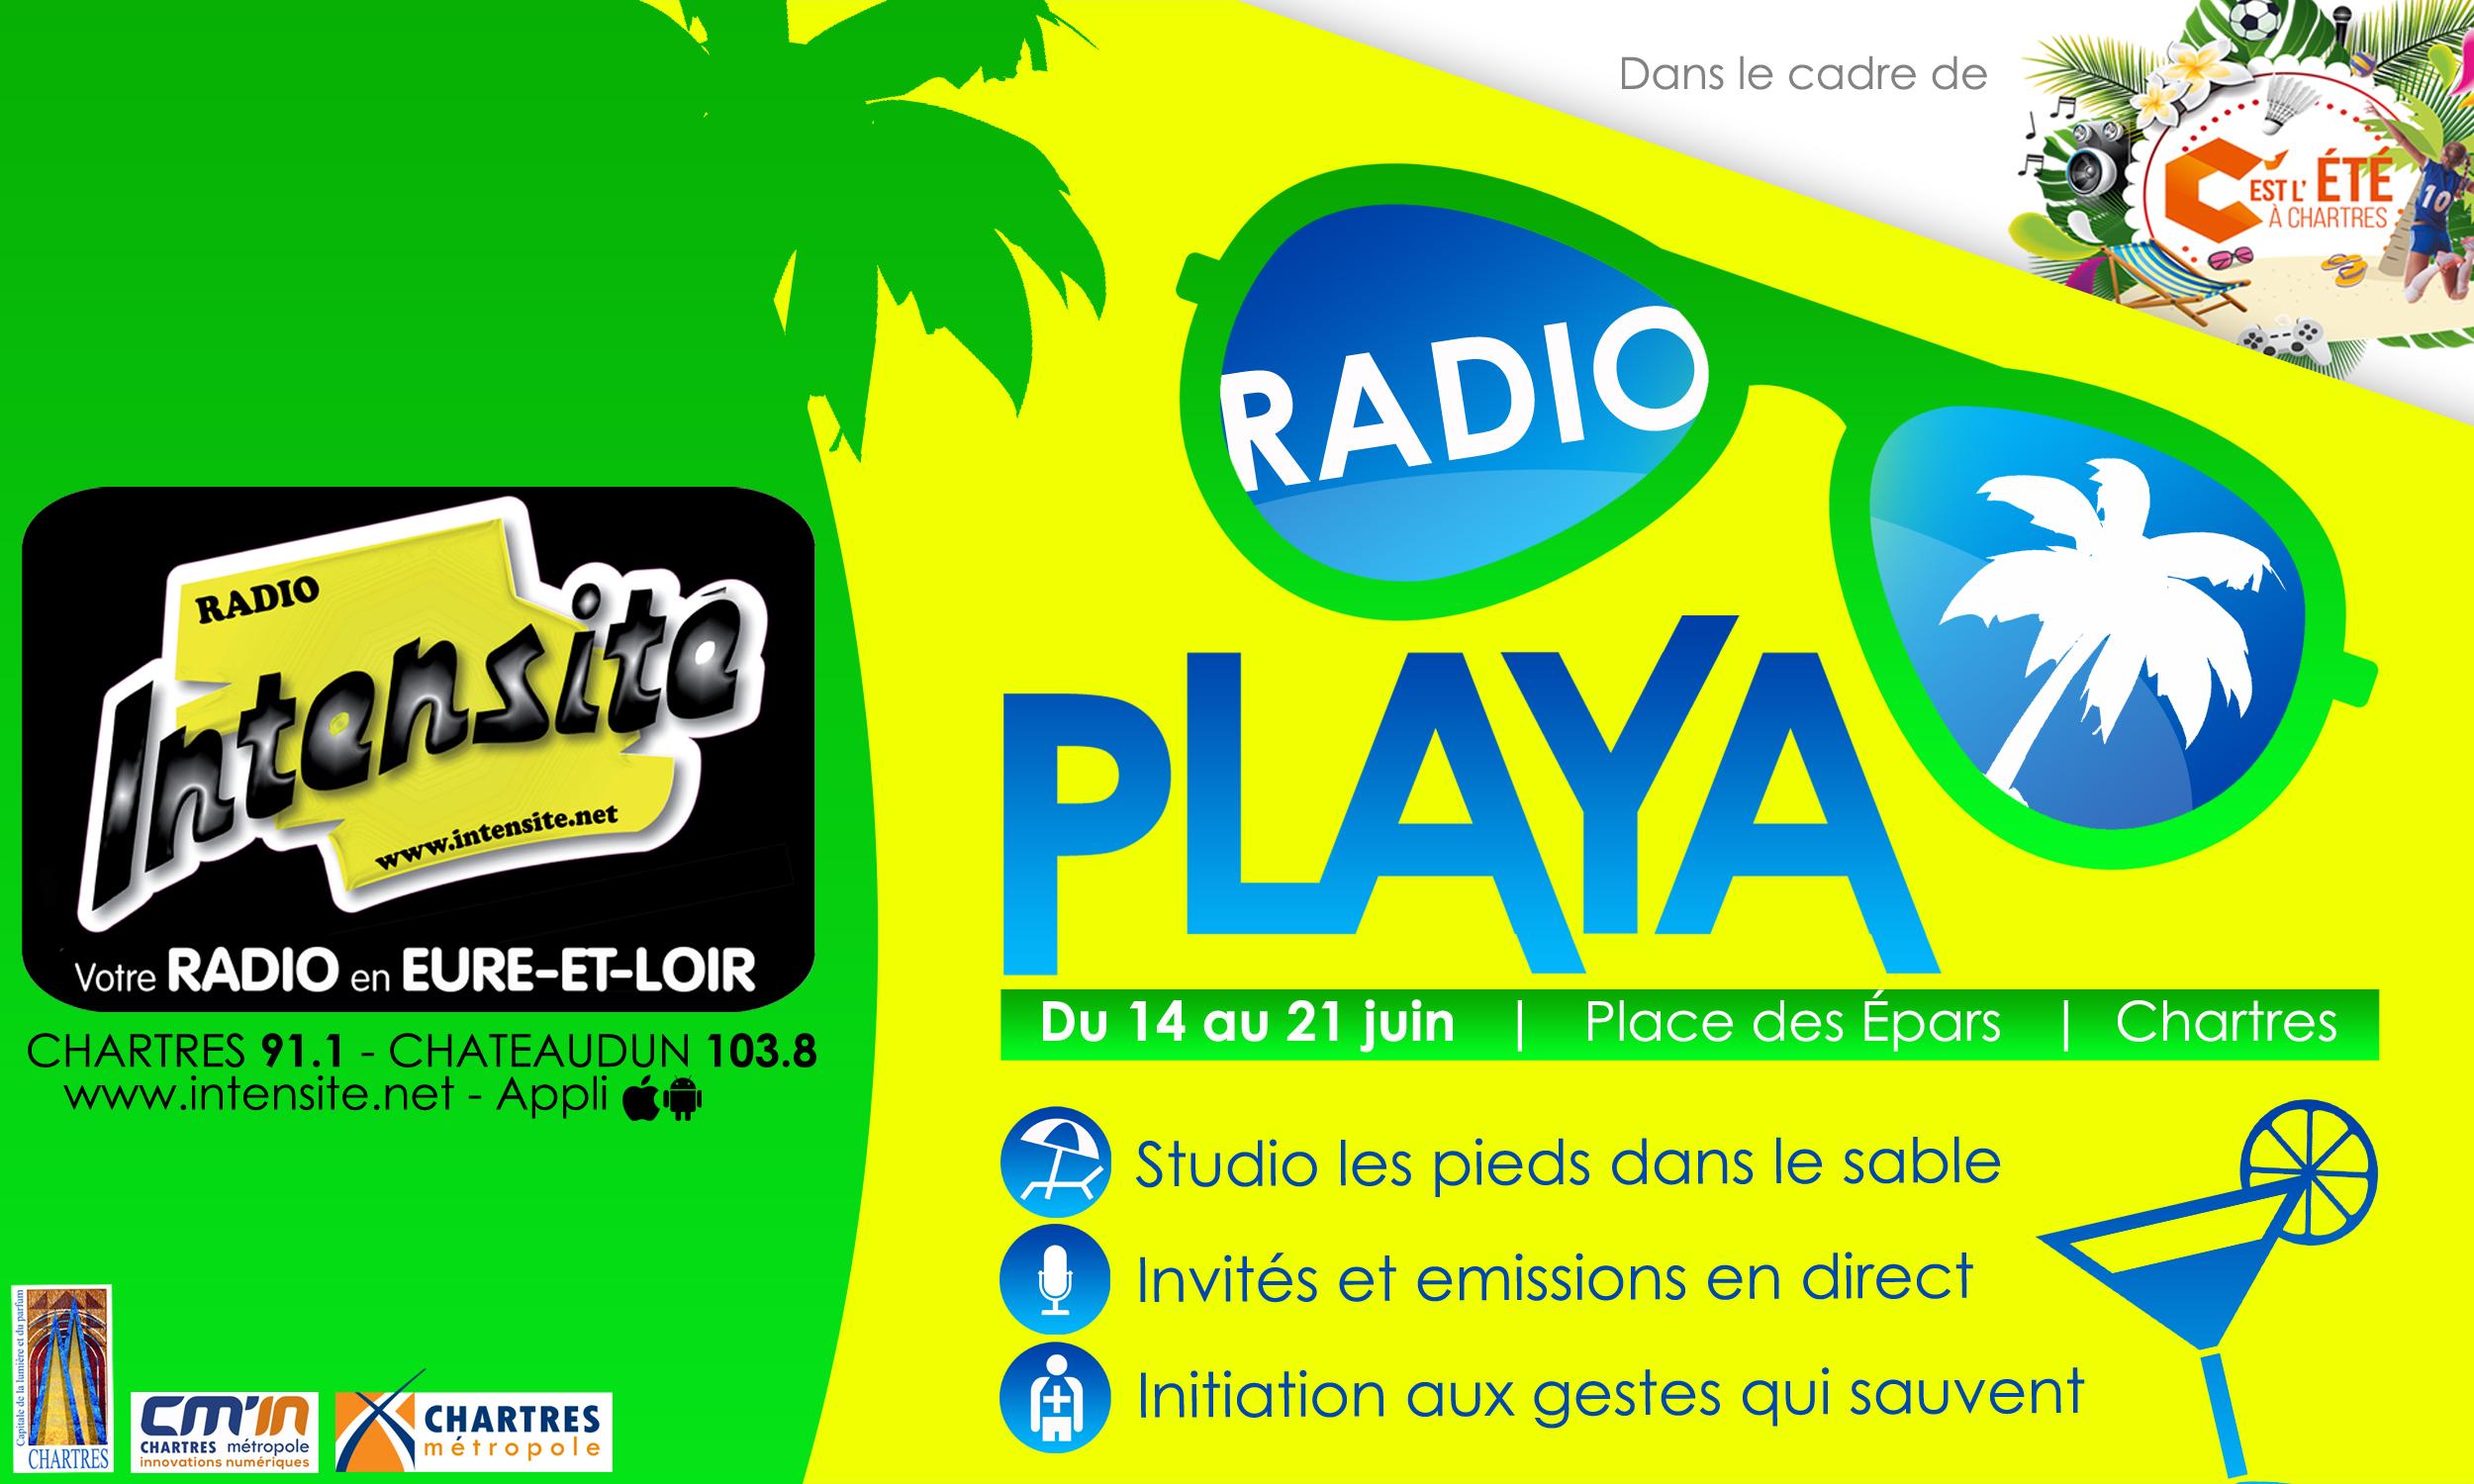 Jusqu'au 21 juin, Radio Intensité devient Radio Playa